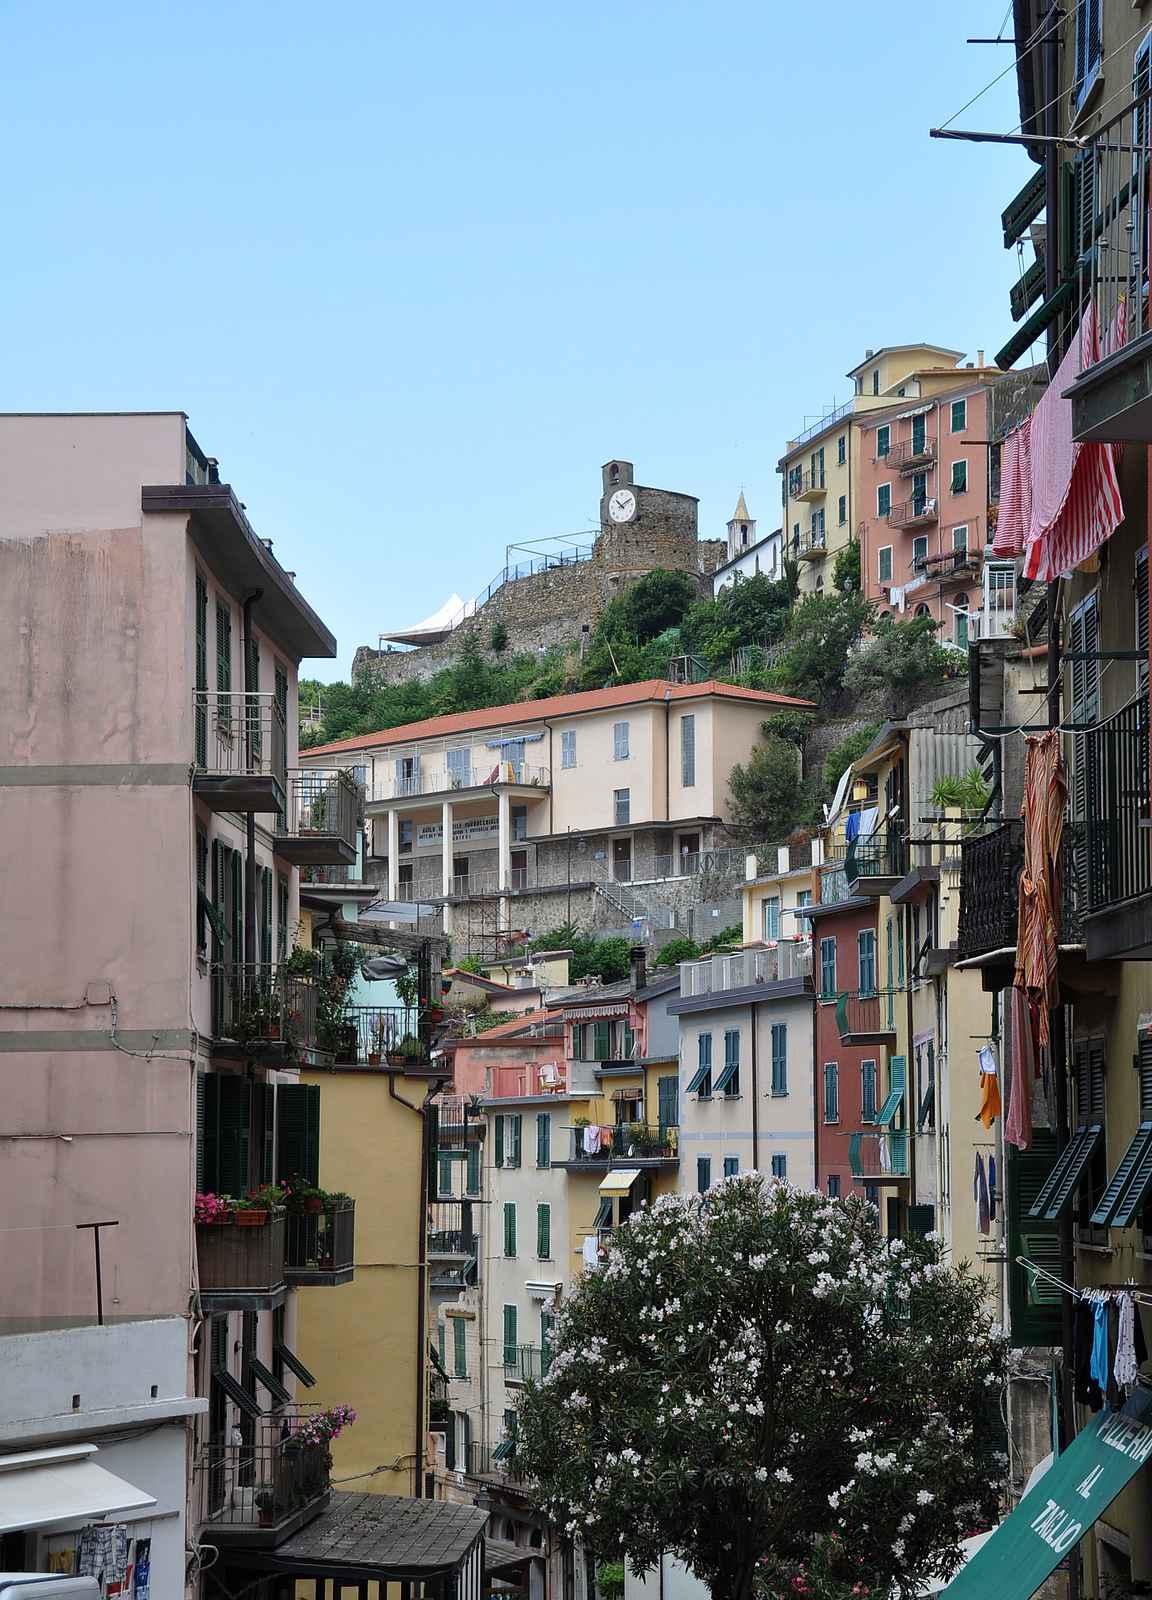 Cinque Terren kylät ovat rakennettu vuorenrinteiden ja meren puristukseen.